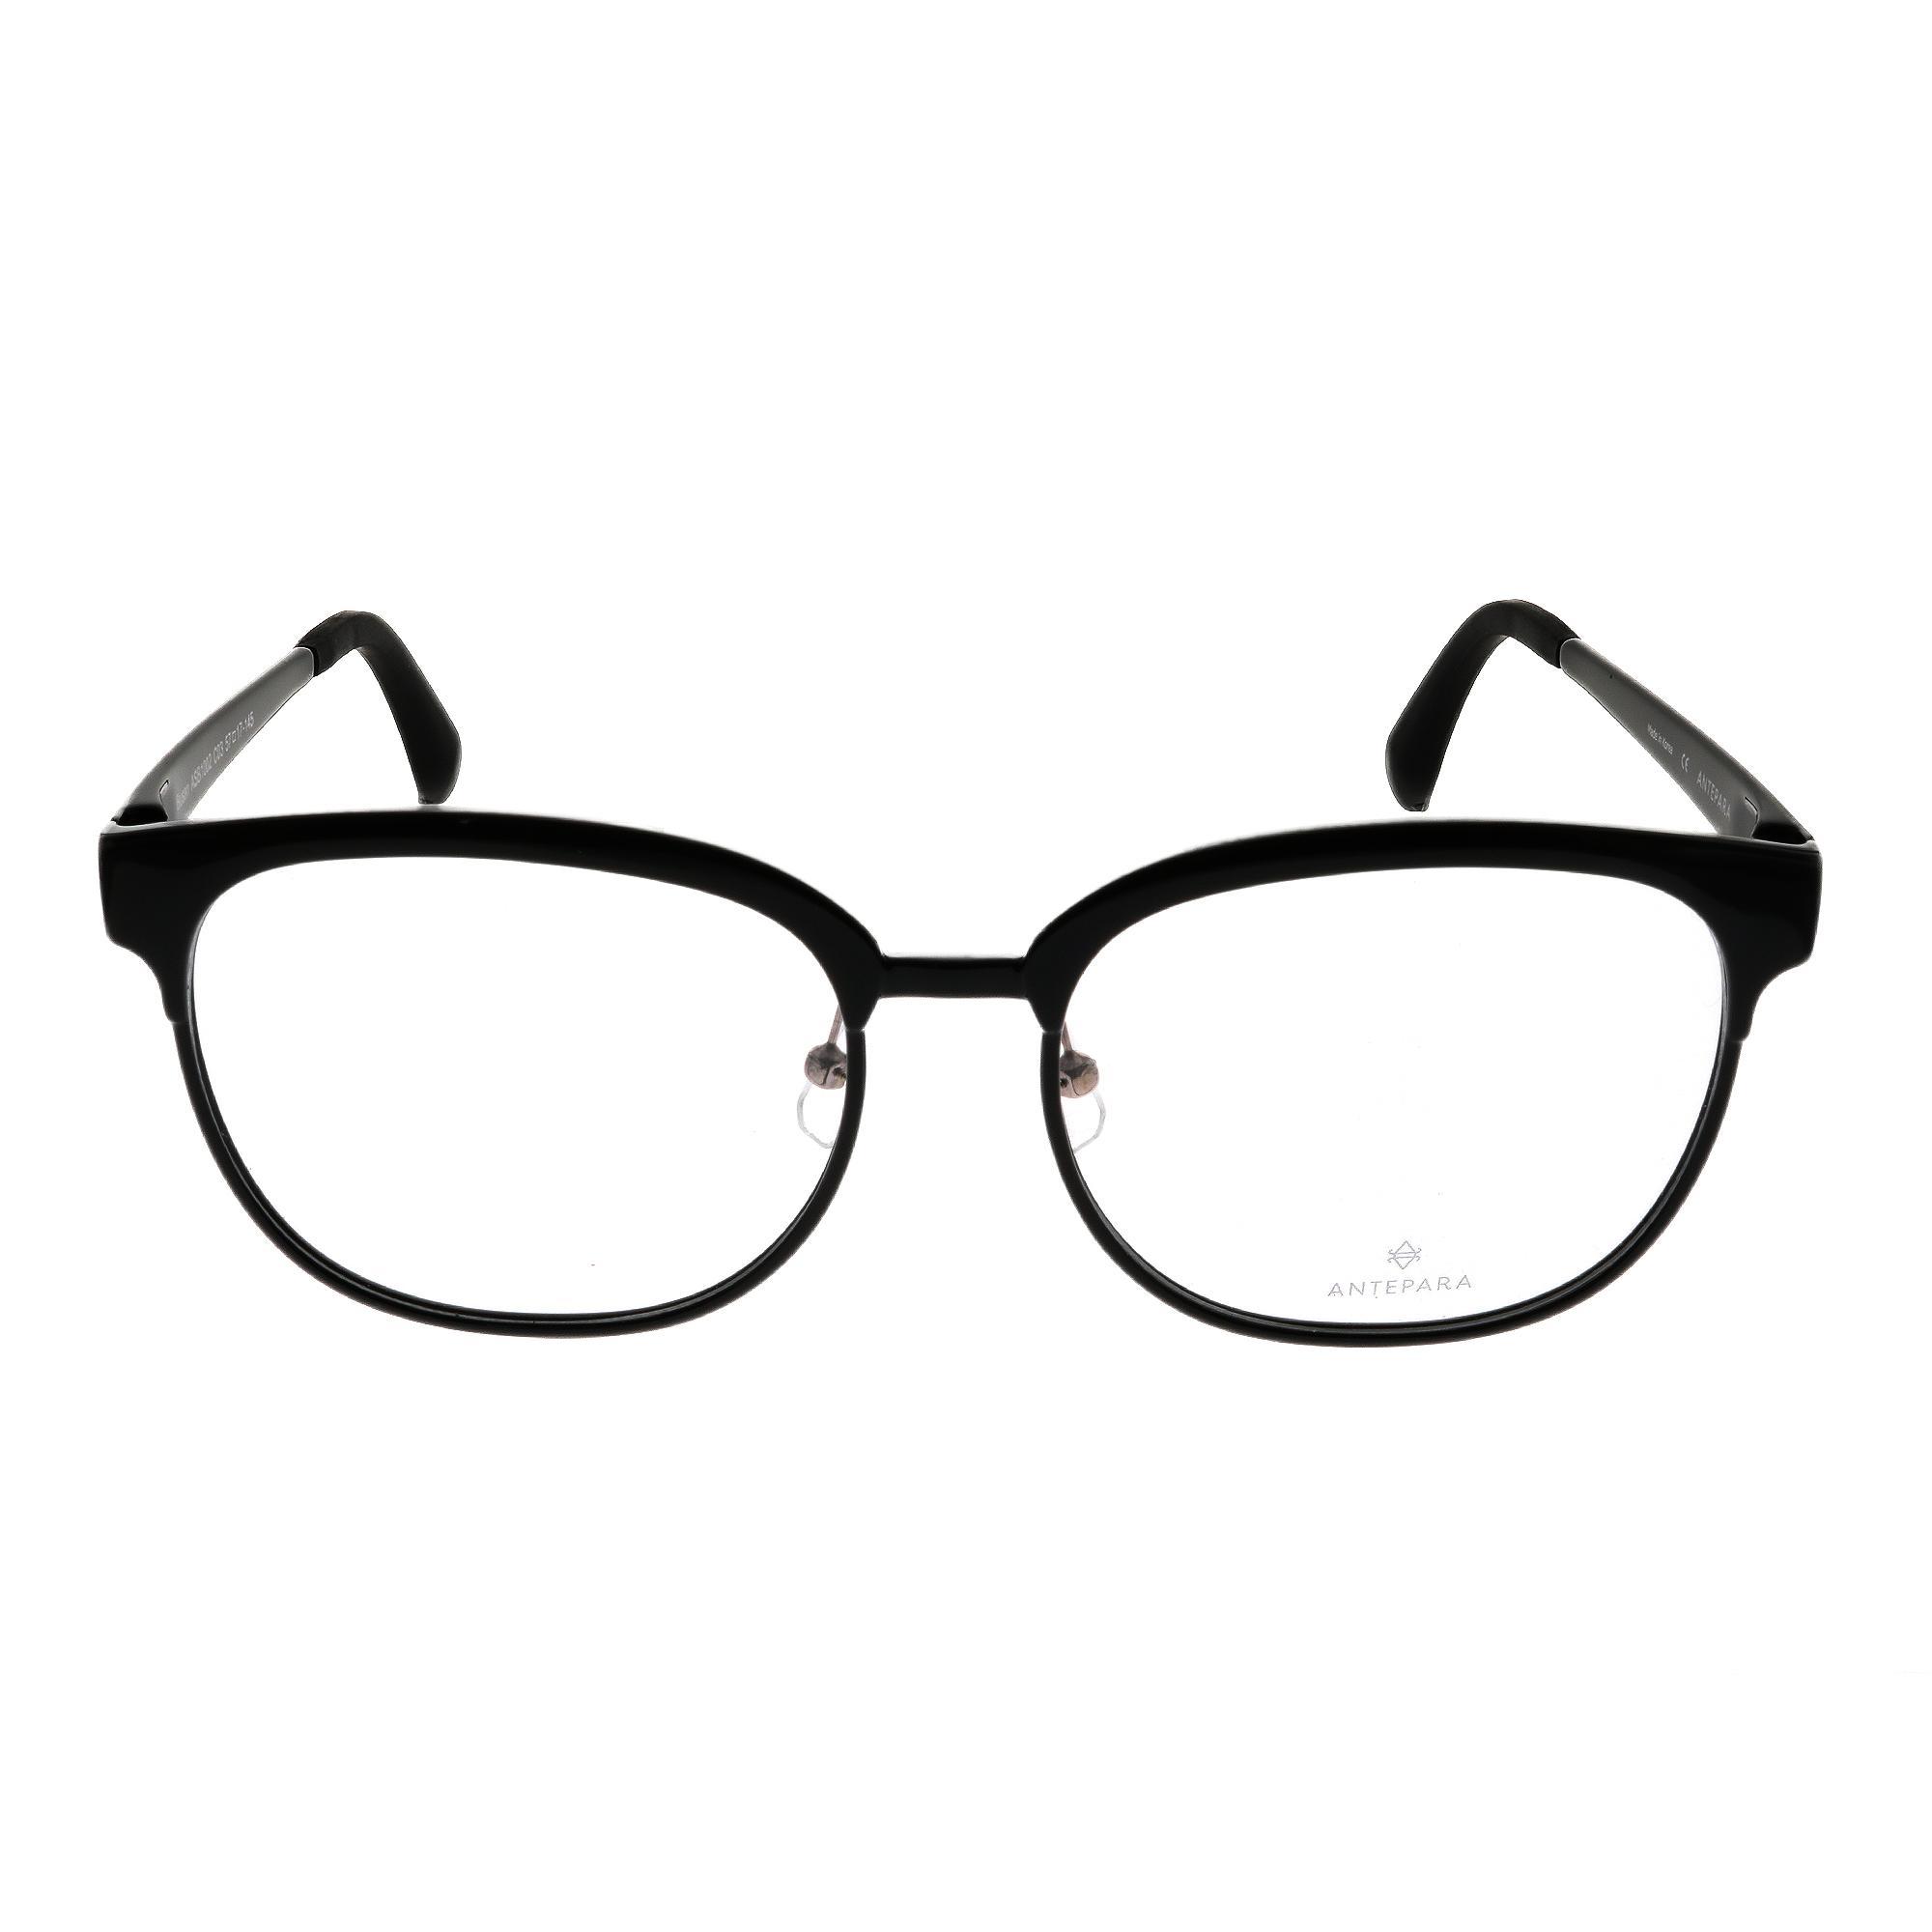 28f84fb2b06 Antepara Philippines  Antepara price list - Men s Sunglasses for ...